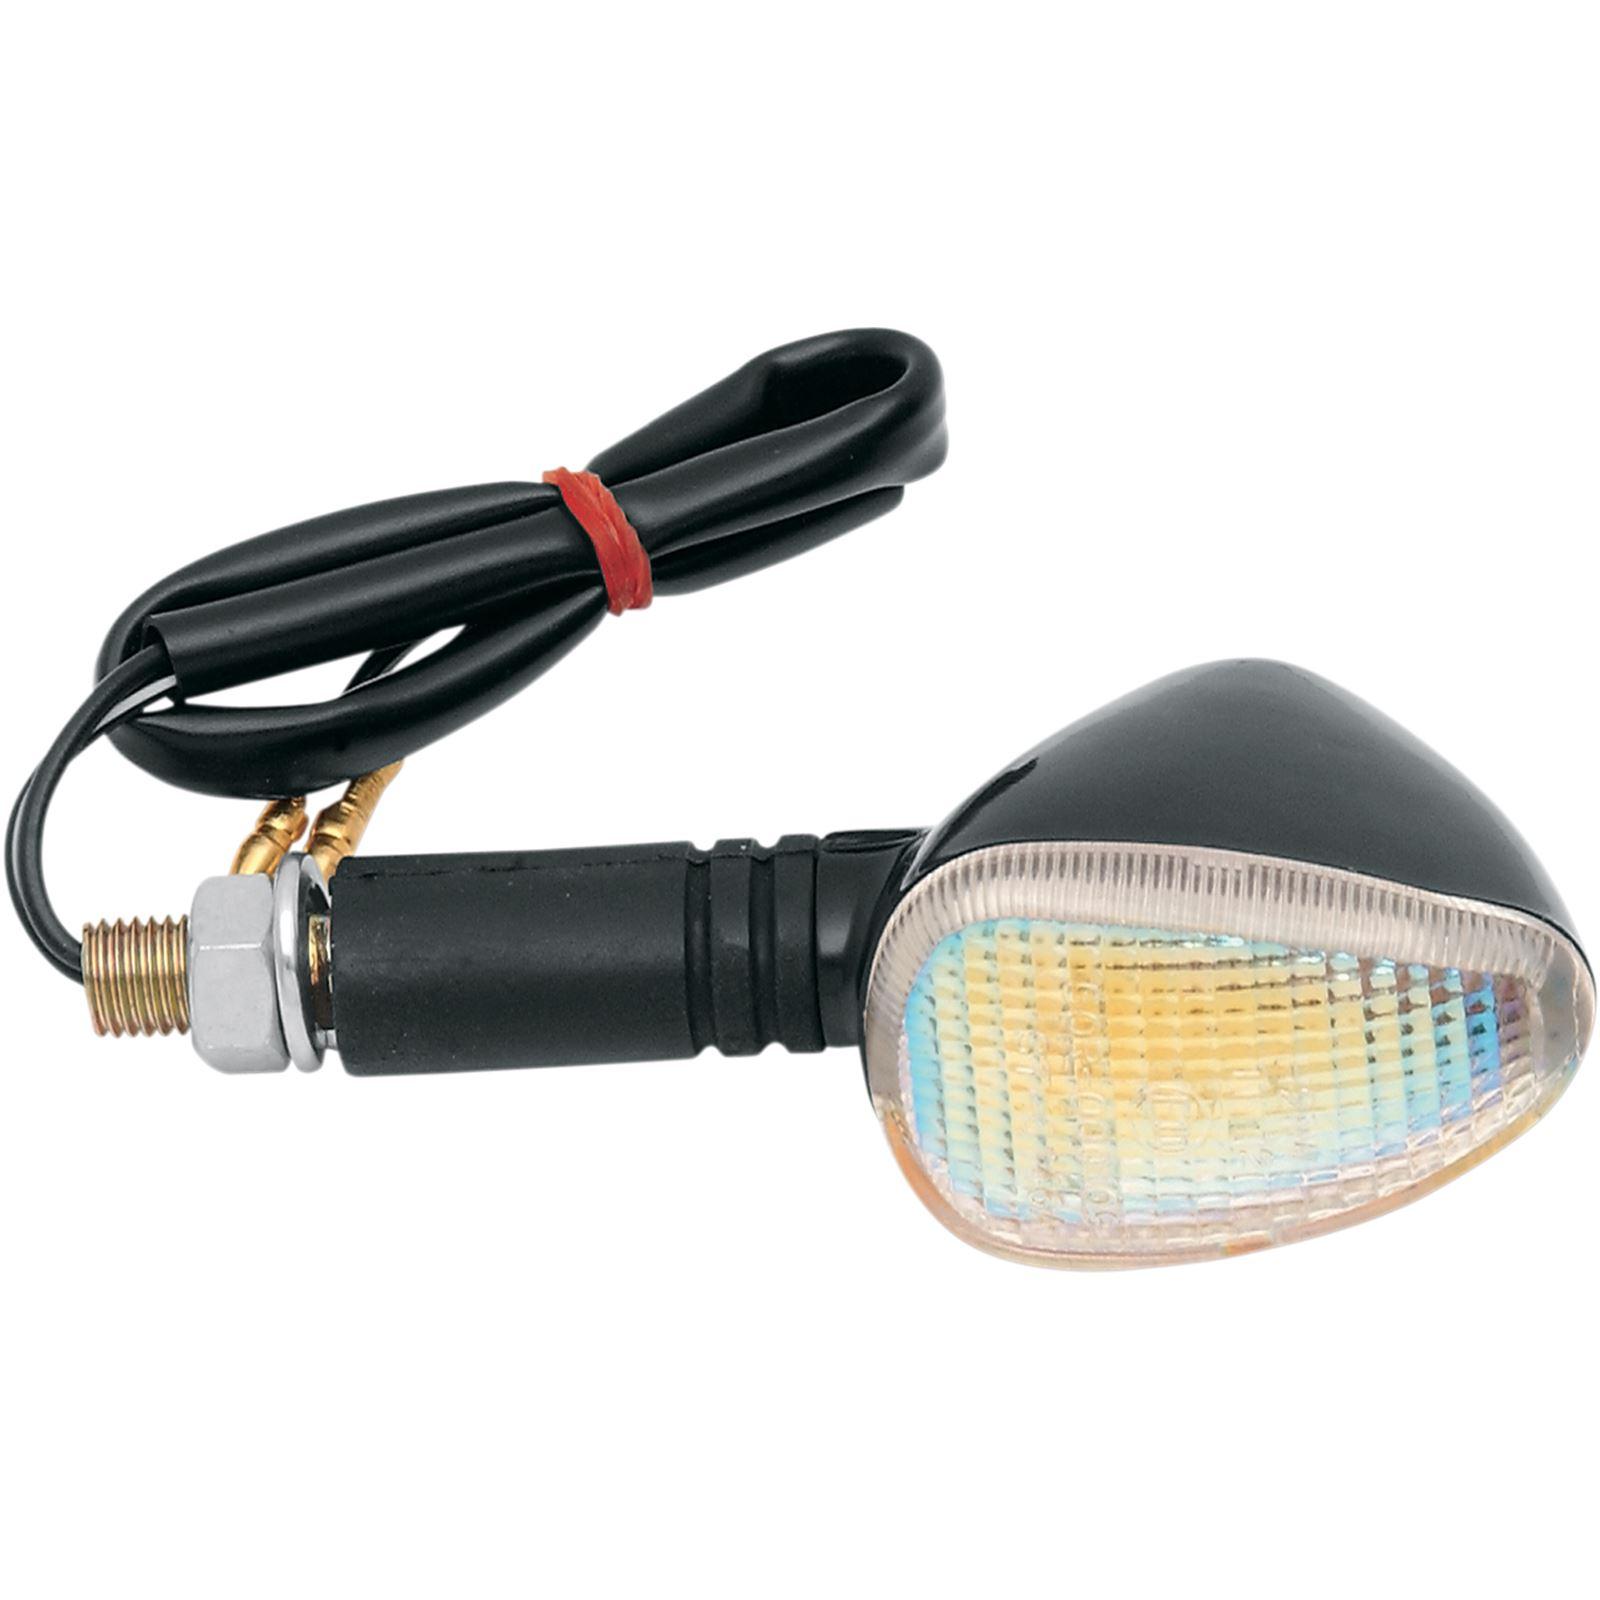 K S Marker Lights - Dual Filament - Black/Rainbow